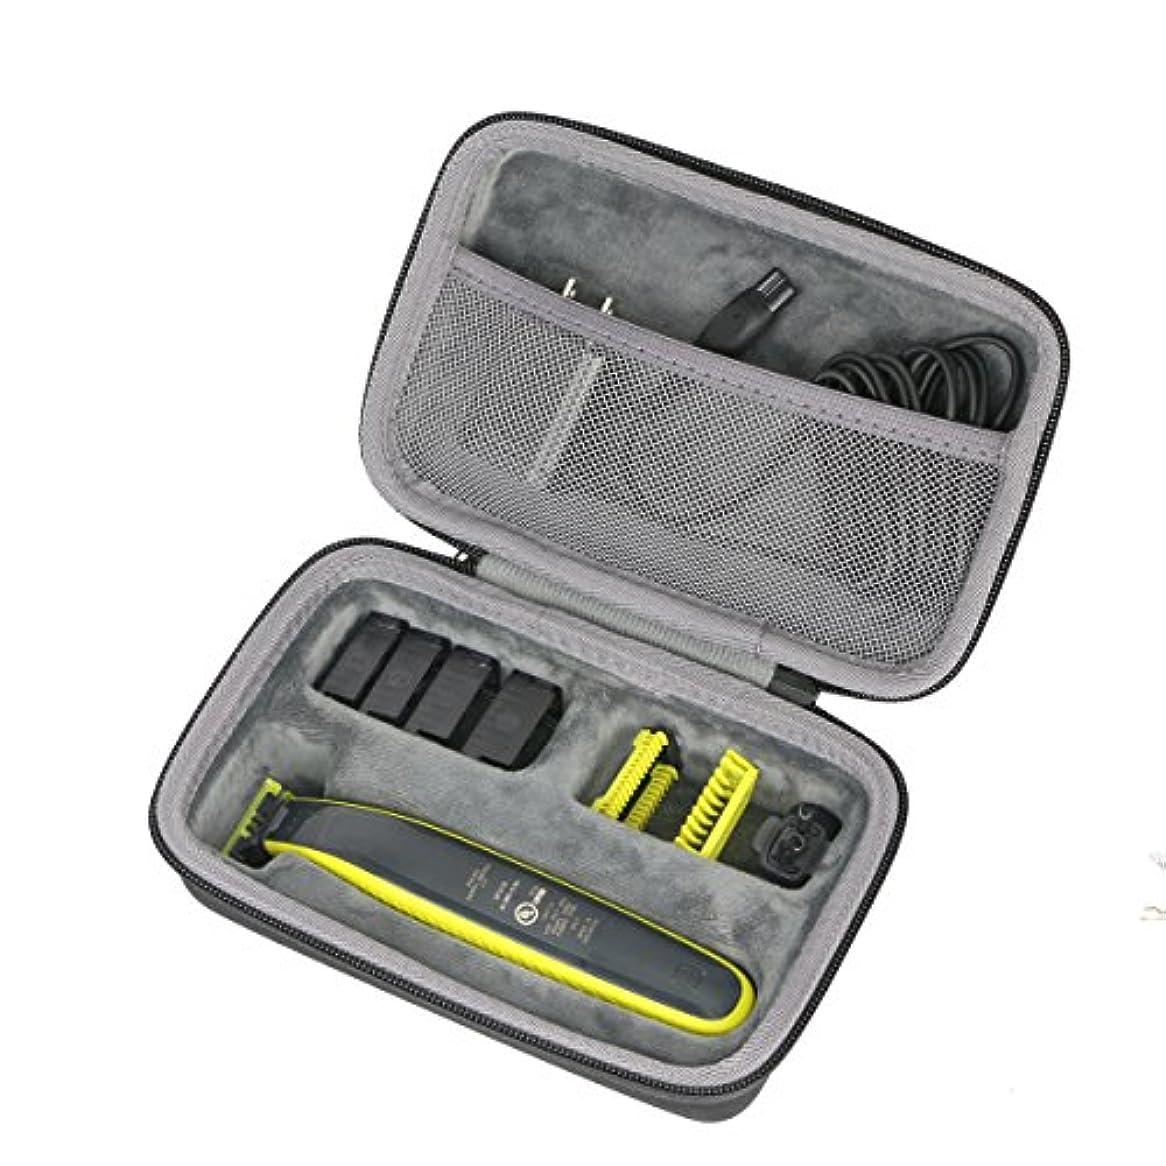 サイズテレビ局雰囲気Philips Norelco OneBlade Hybrid Rechargeable Trimmer QP2630/70ノ専用旅行収納 デザインノco2CREA バッグ